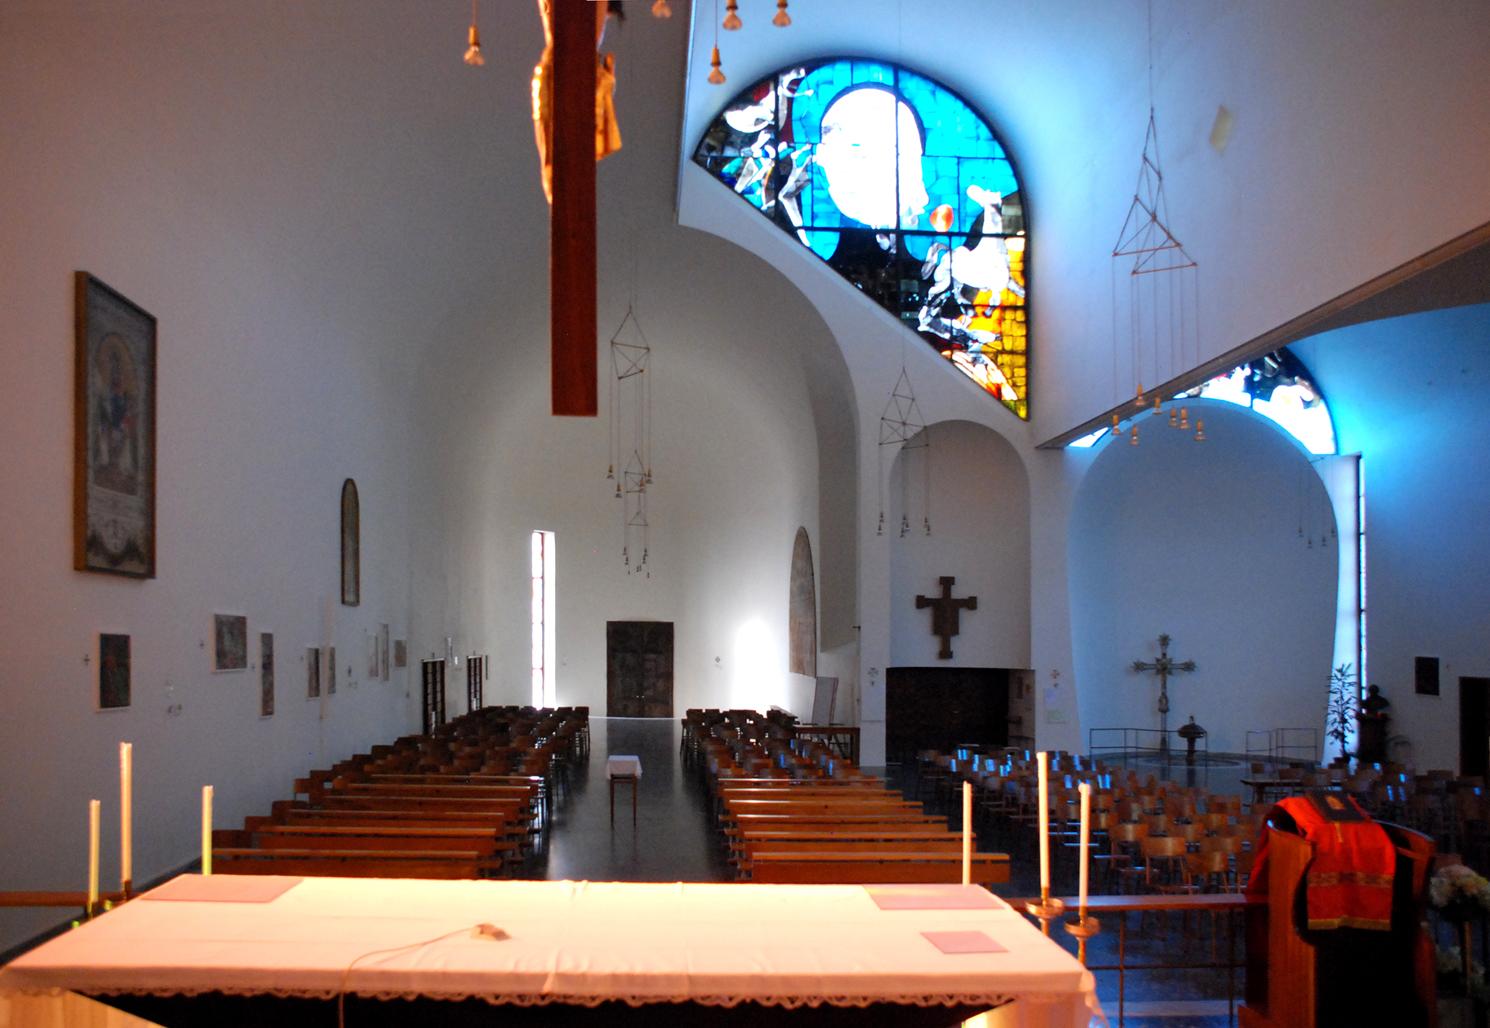 La vista dall'altare verso l'ingresso evidenzia il battistero a destra, sul retro dello spazio riservato alla cappella laterale. Una posizione defilata ma visibile e prossima all'ingresso.